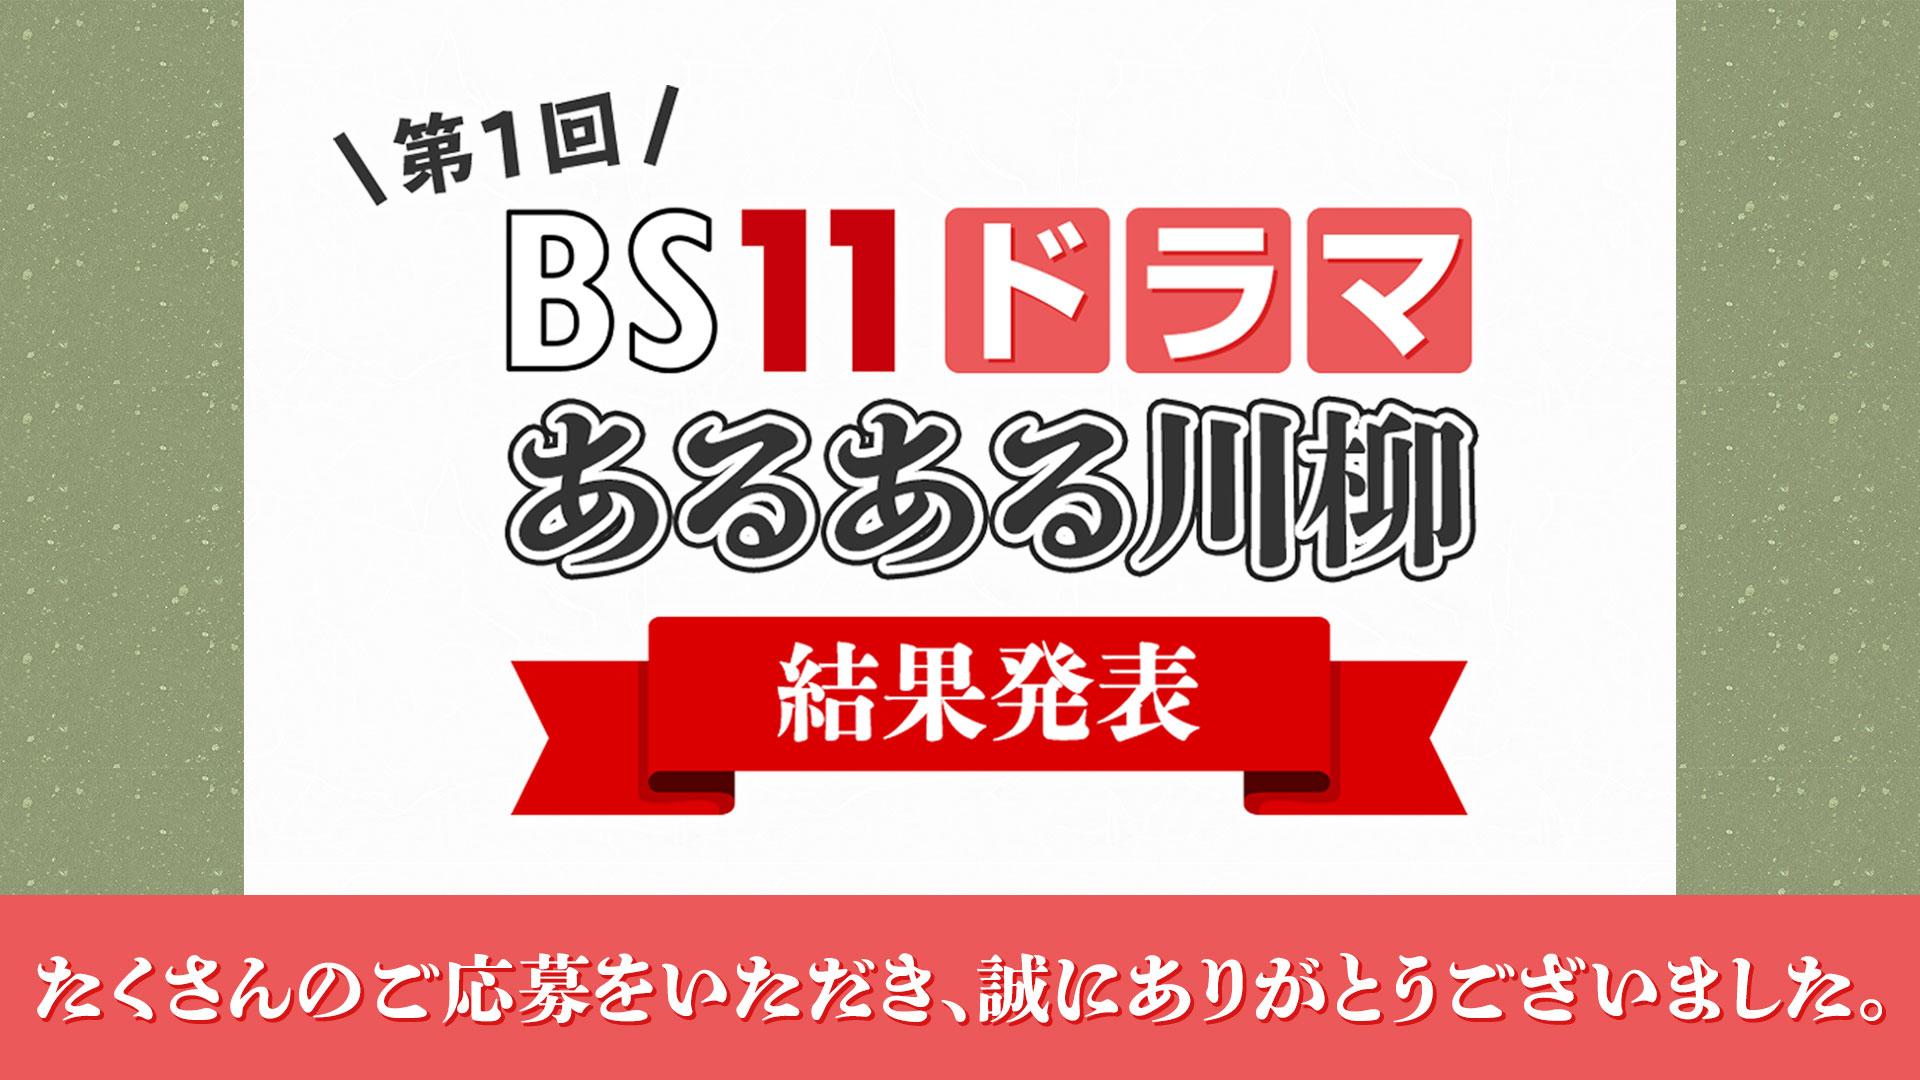 第1回 BS11ドラマあるある川柳 結果発表